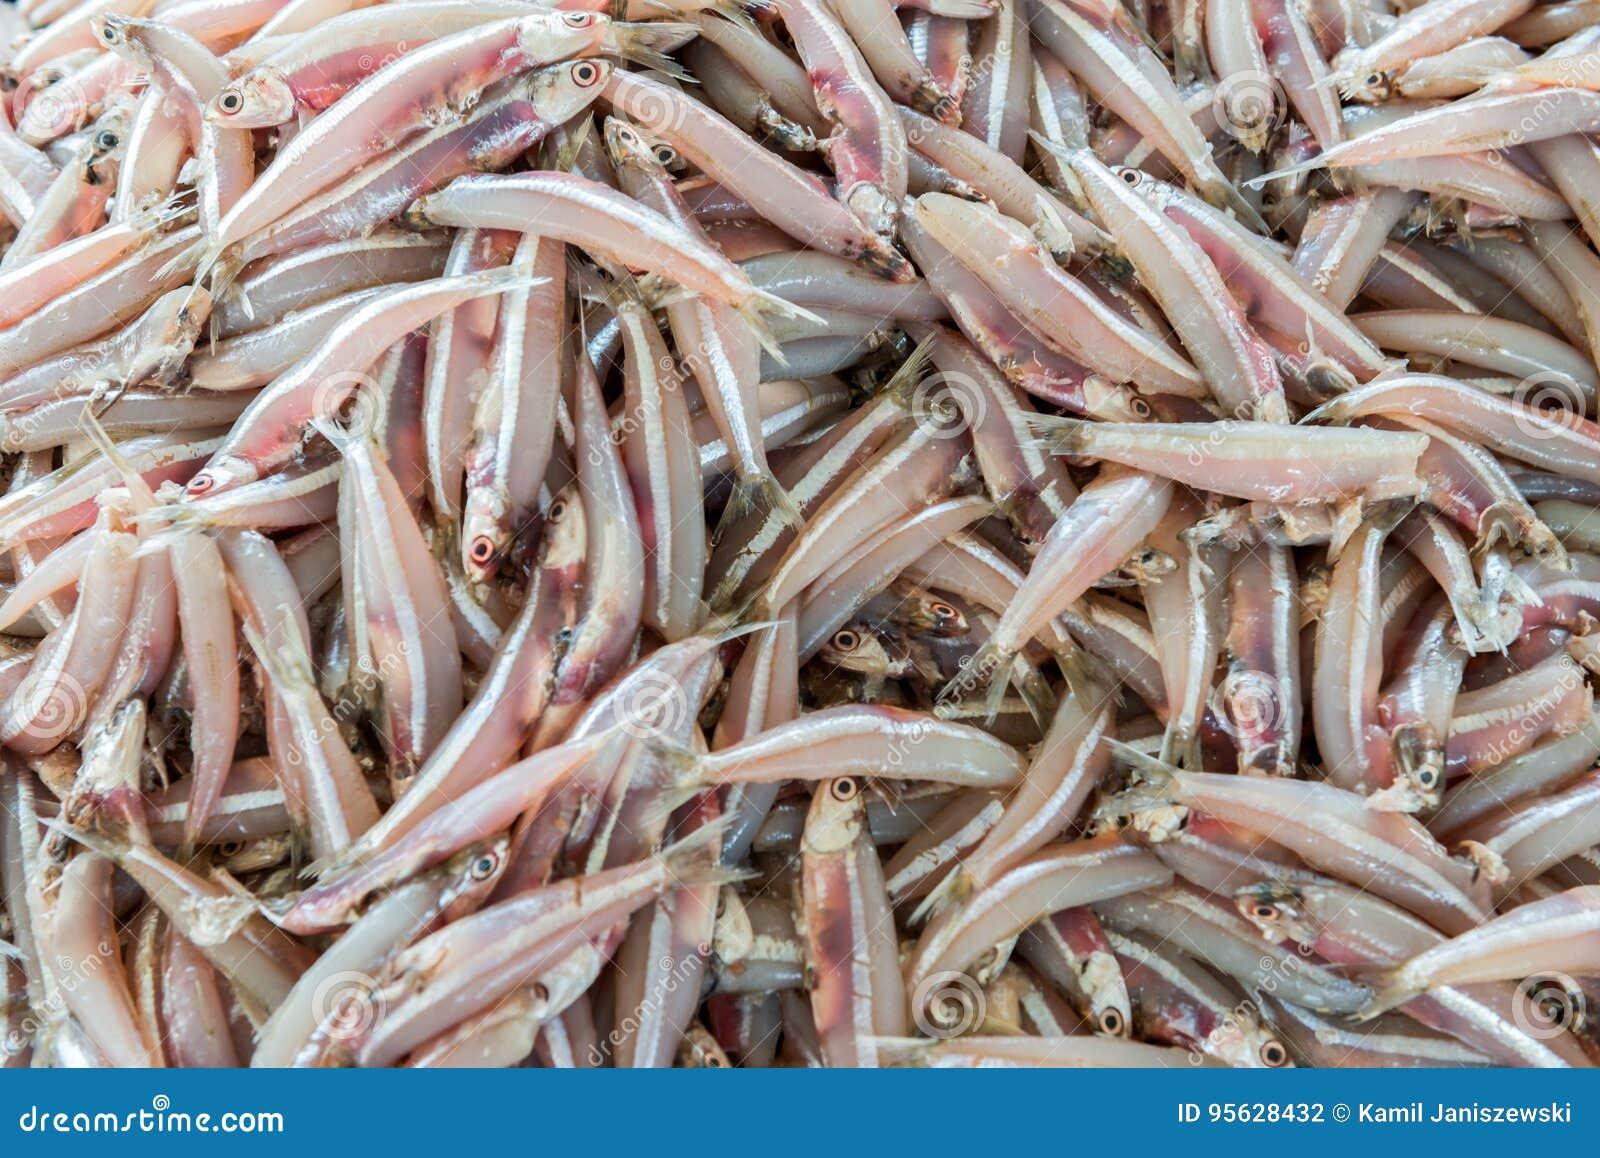 lots of fish